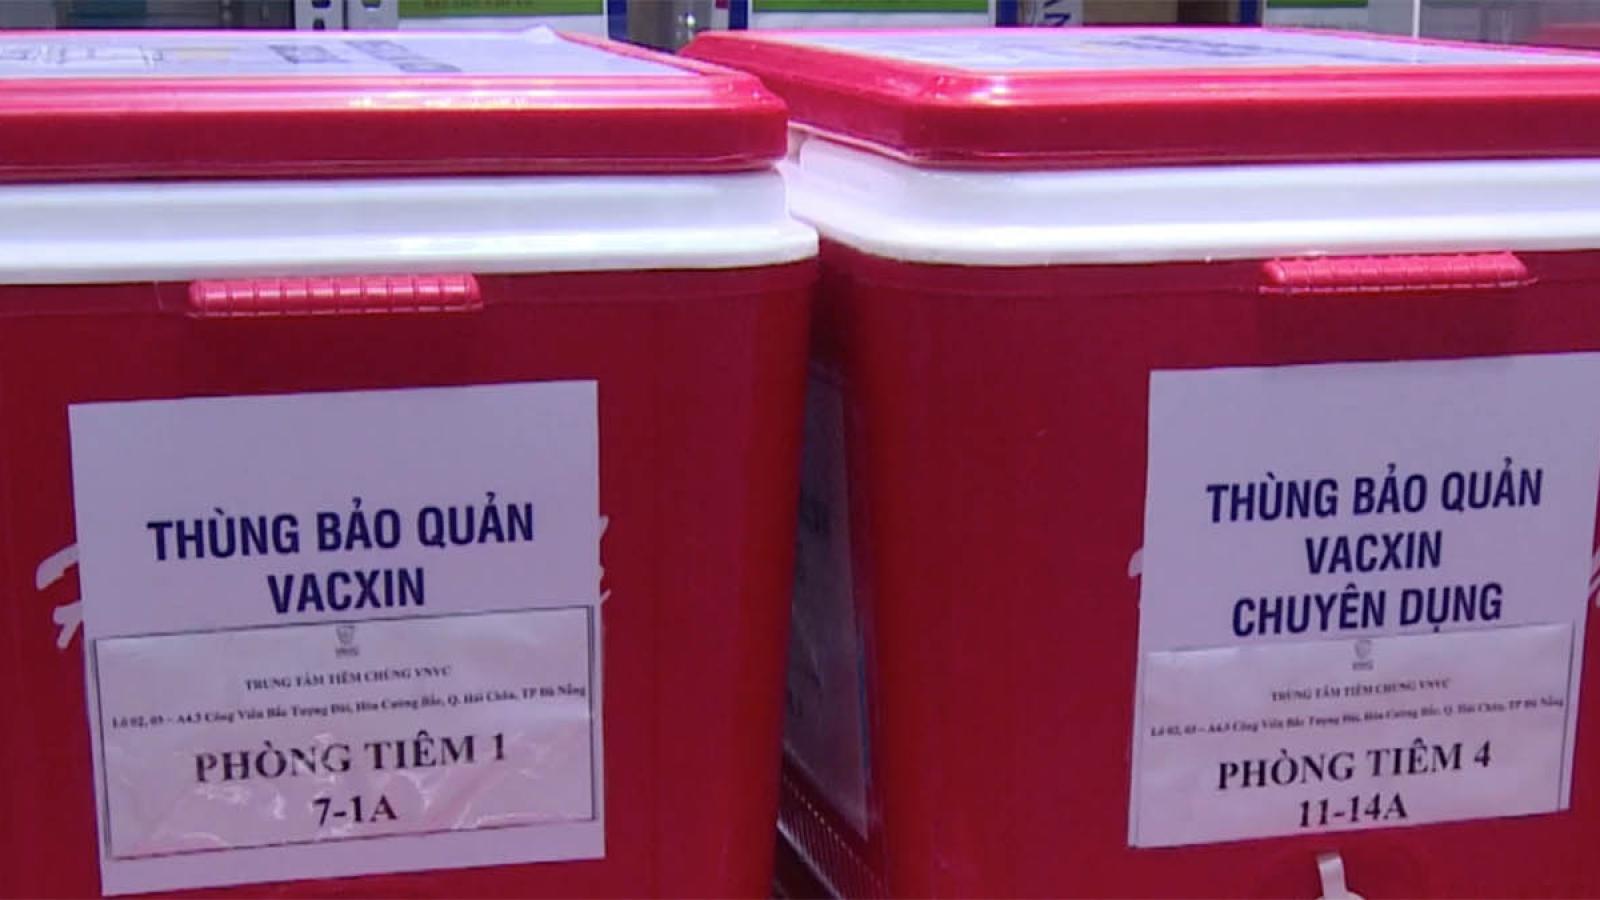 Ngày 12/3, Đà Nẵng sẽ tiêm vaccine phòng Covid-19 cho nhân viên y tế Bệnh viện Phổi